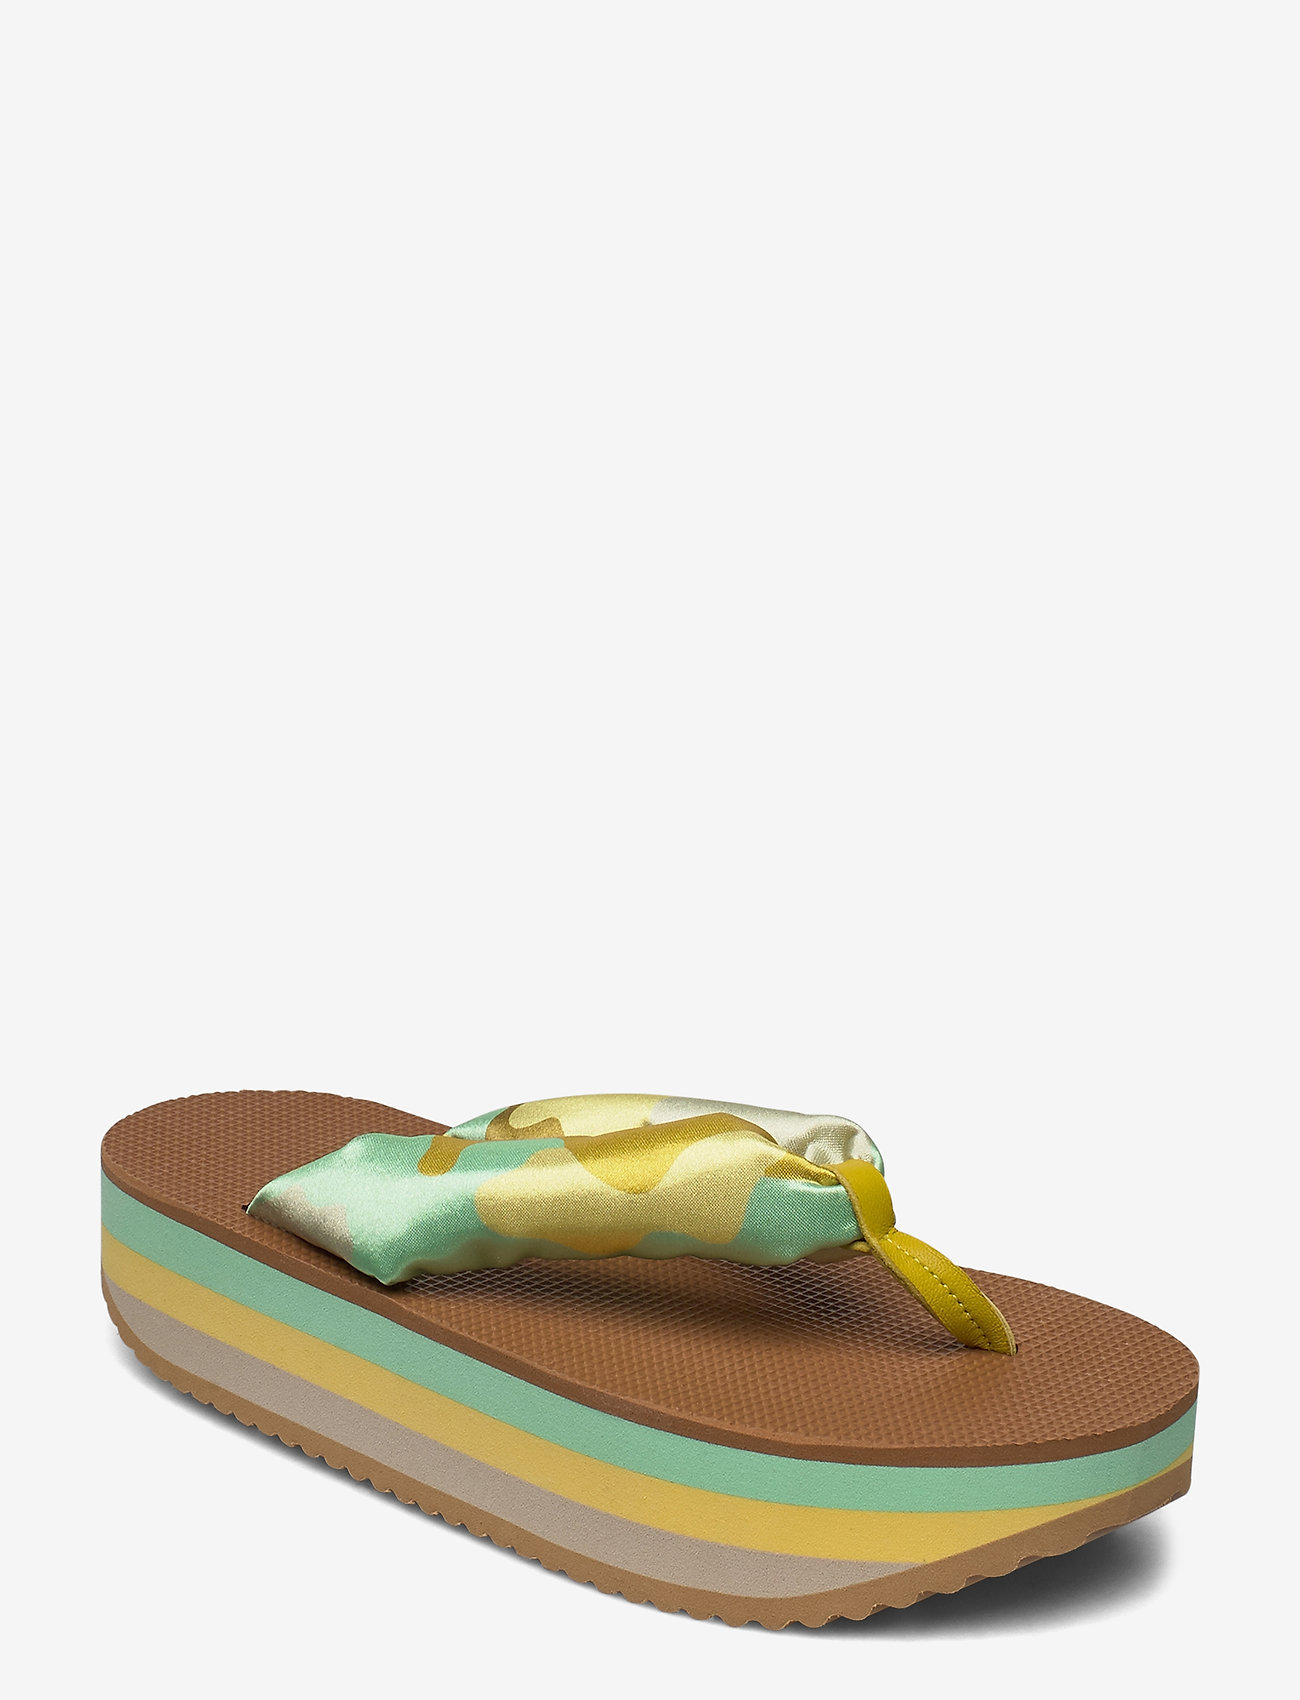 STINE GOYA - Trine, 889 Trine Sandals - płaskie sandały - camouflage green - 0